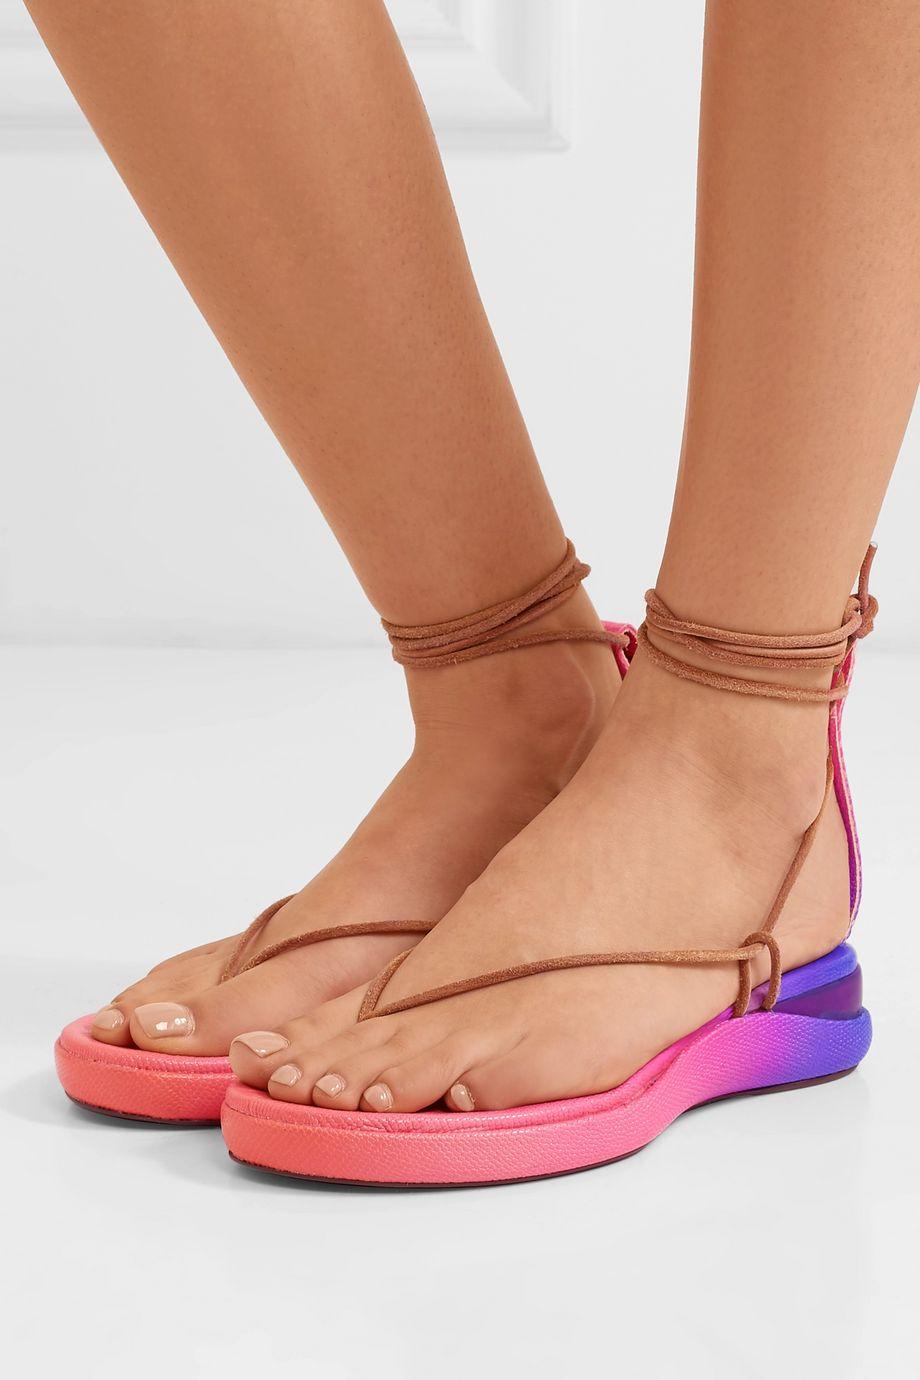 Chloé Wave dégradé lizard-effect leather sandals